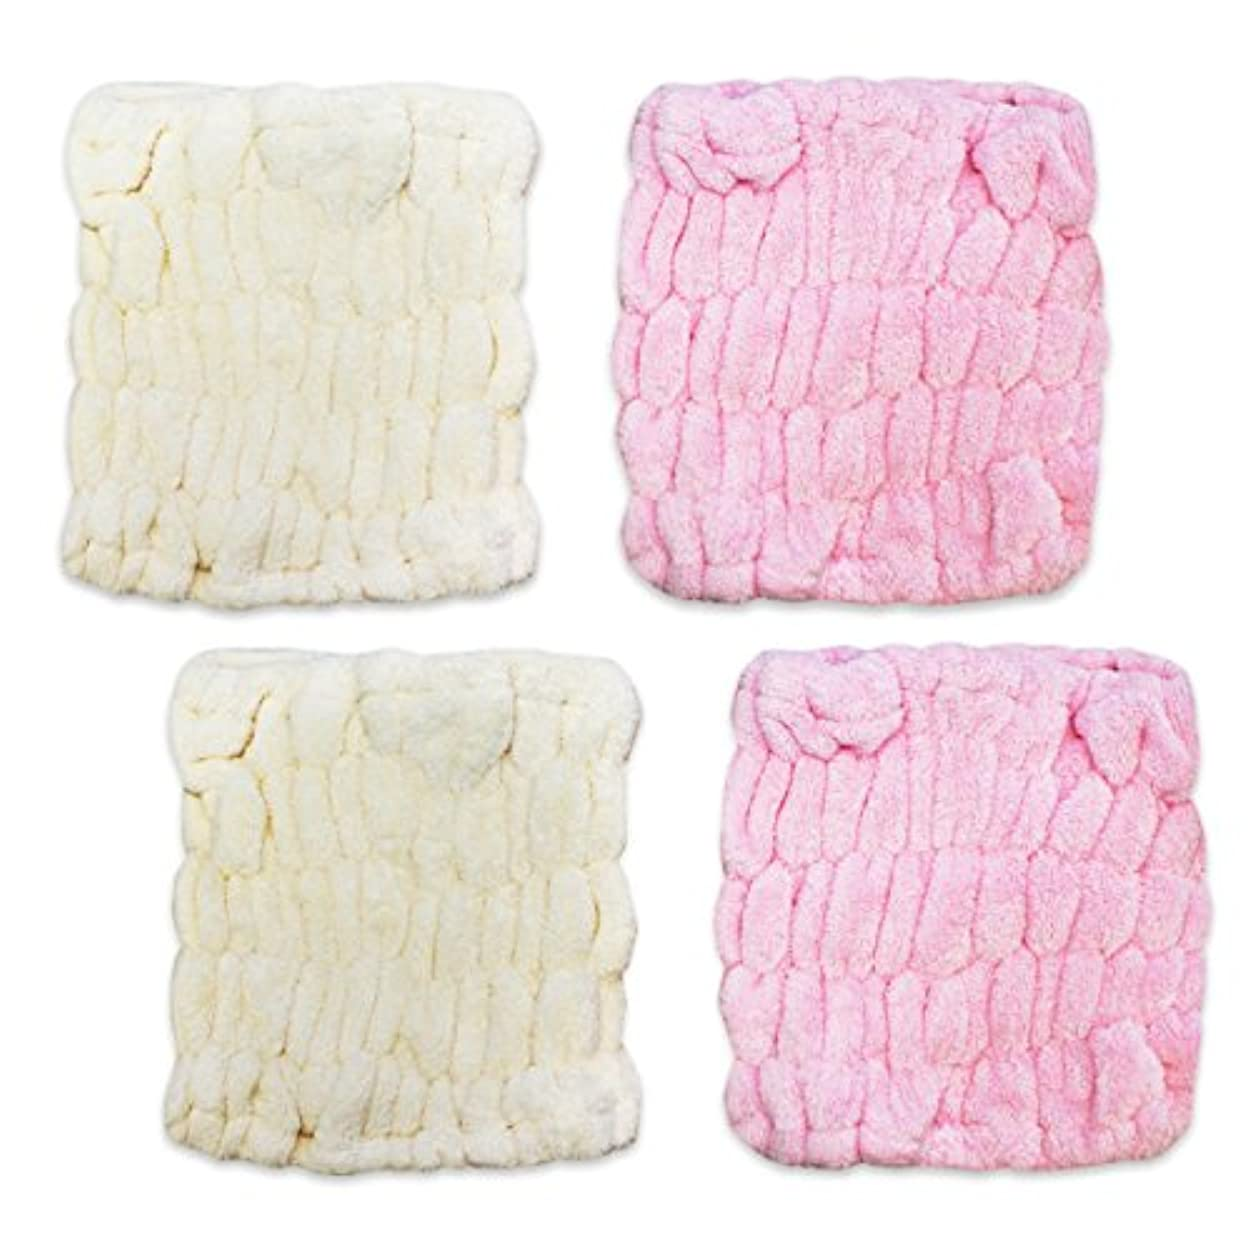 高度な高齢者予算ふんわり 柔らか マイクロ ファイバー 吸水 ヘアターバン 2色 4枚組(ピンク&アイボリー)